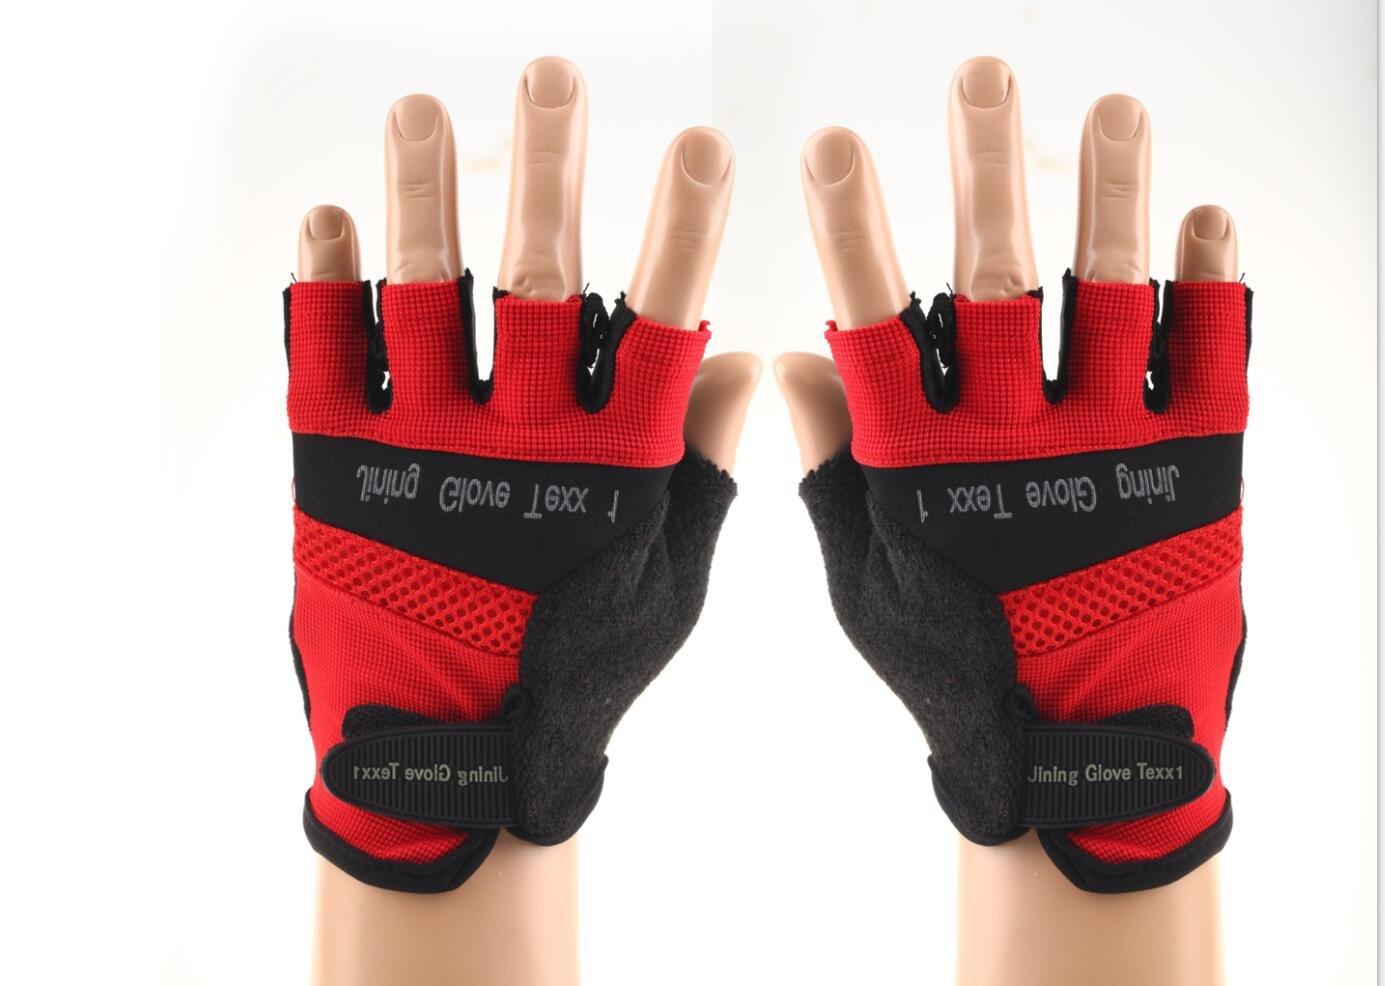 Hohe Qualität winddicht Herren Radfahren Bike Motorrad Handschuhe wasserdicht Winter Warm Ski Thermo-Handschuhe, Outdoor Handschuhe.